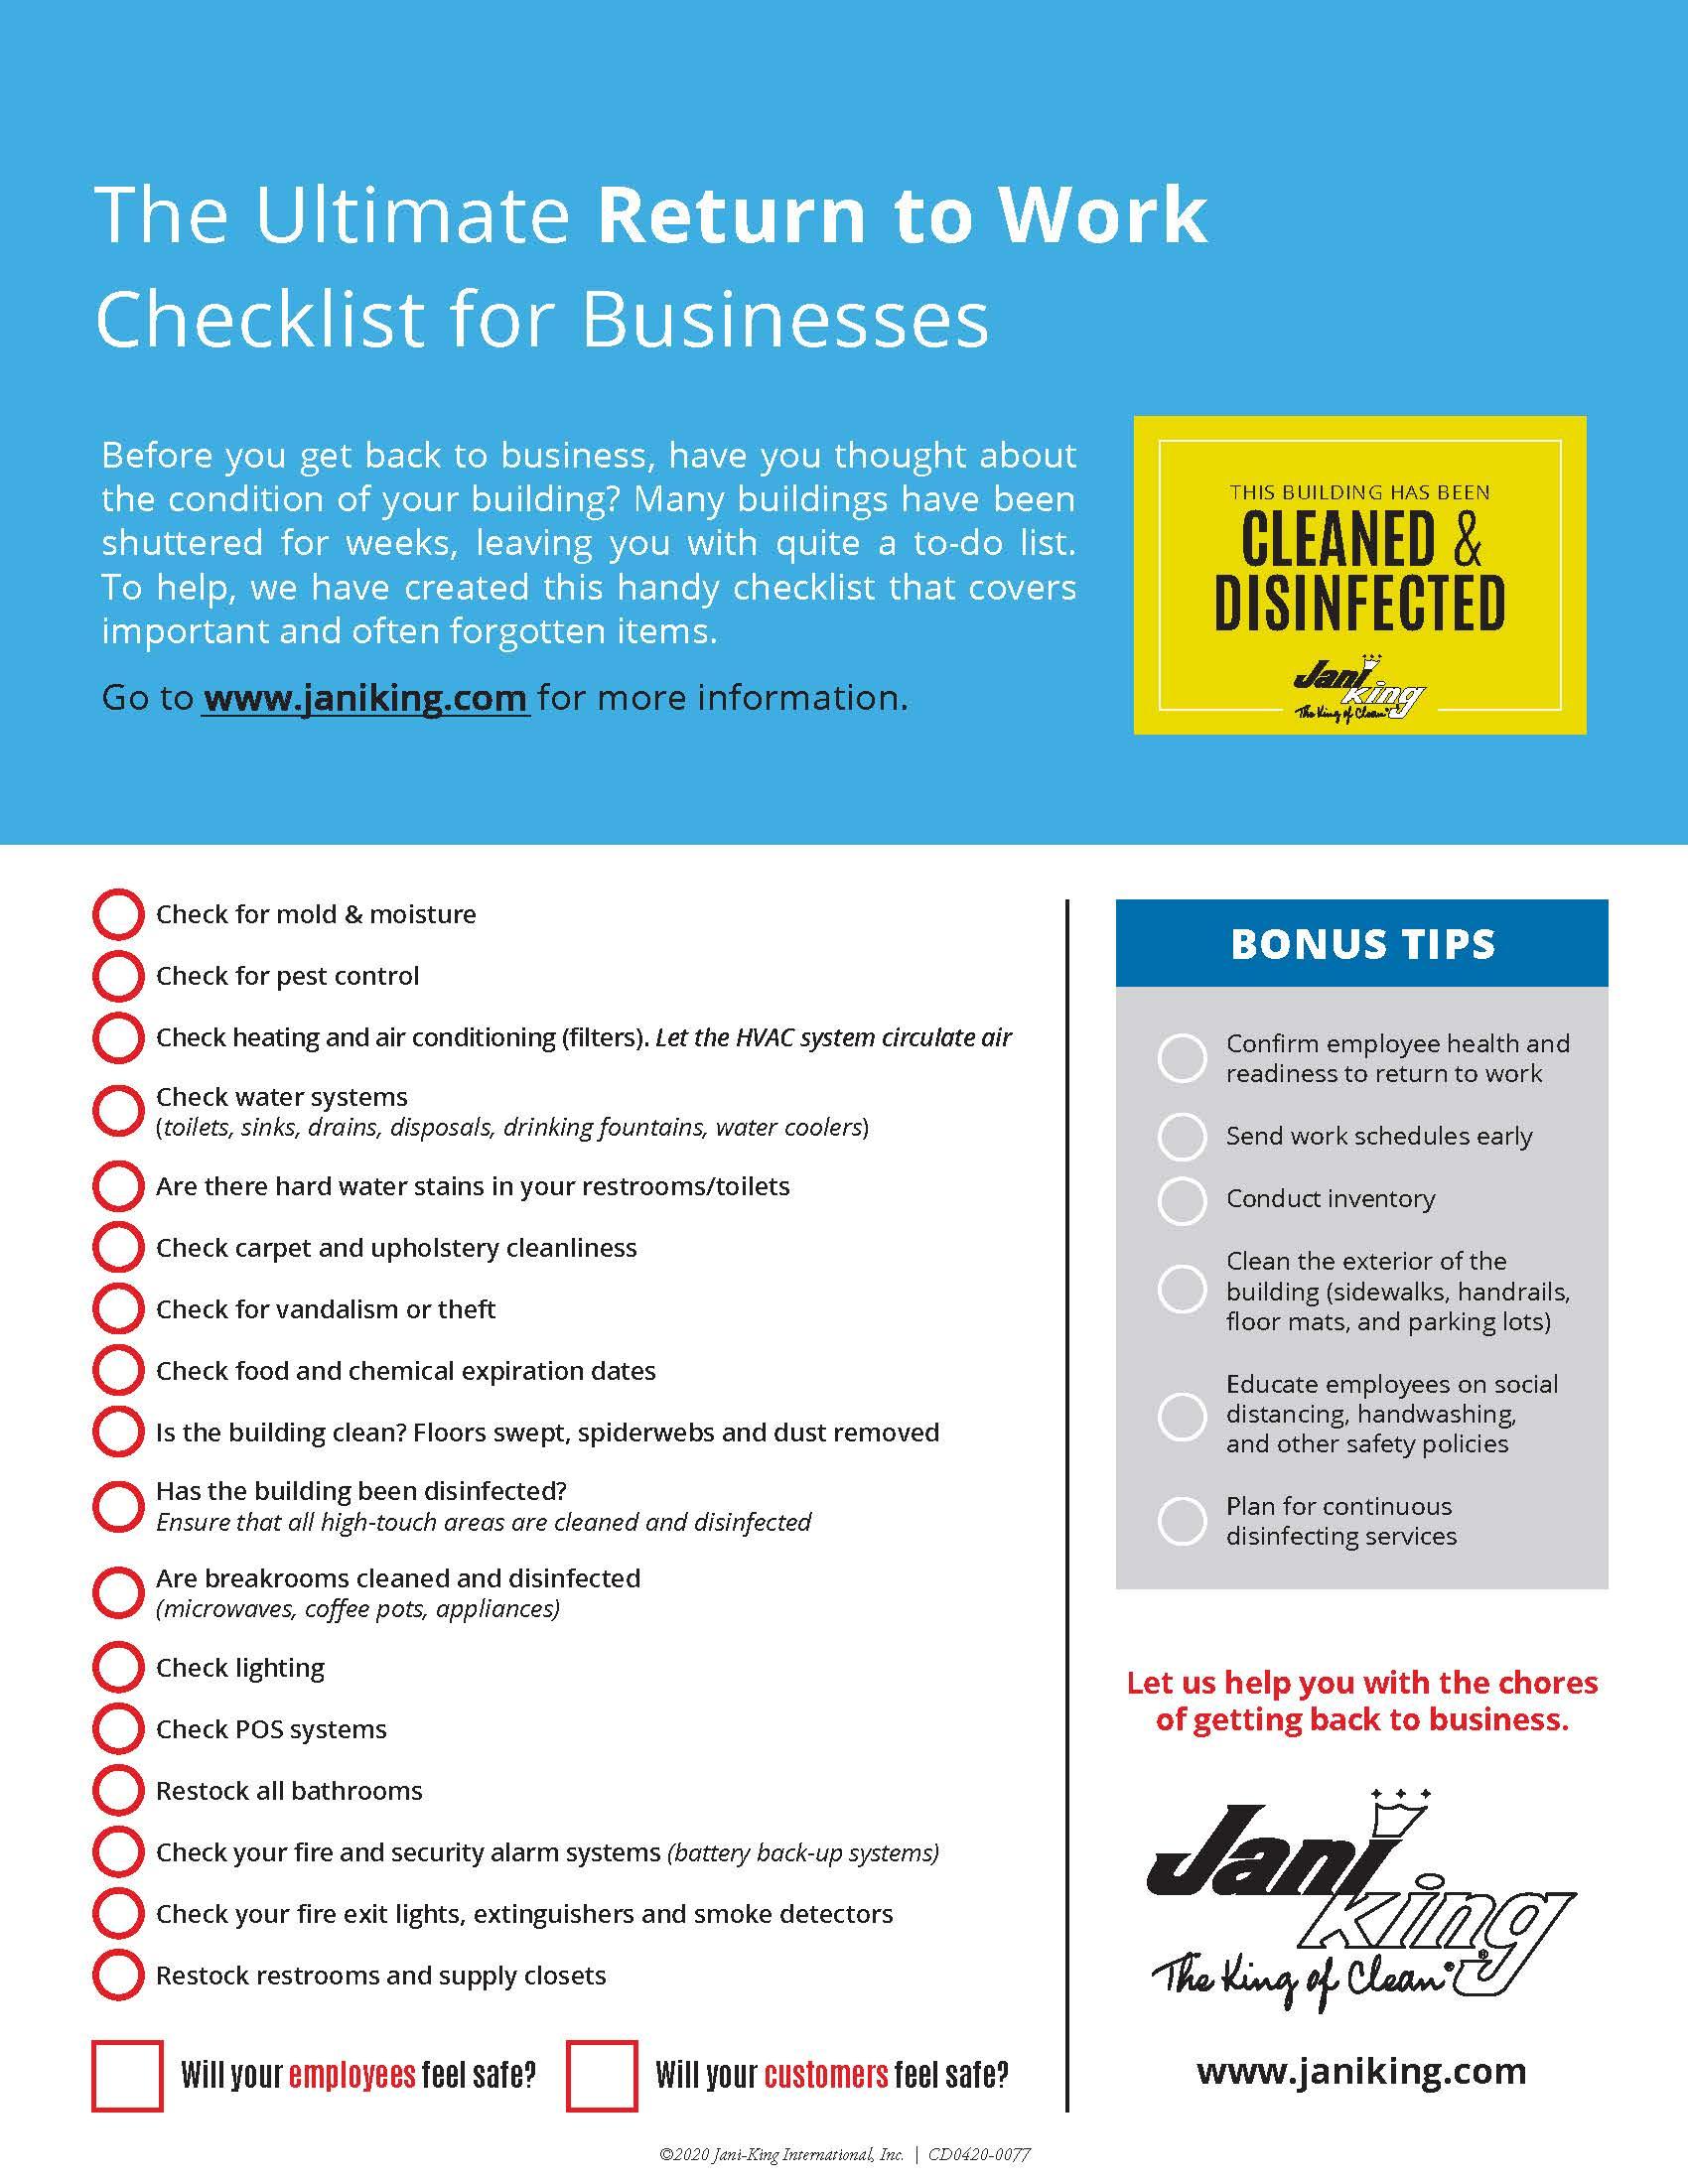 JKI-Return-to-Work-Checklist